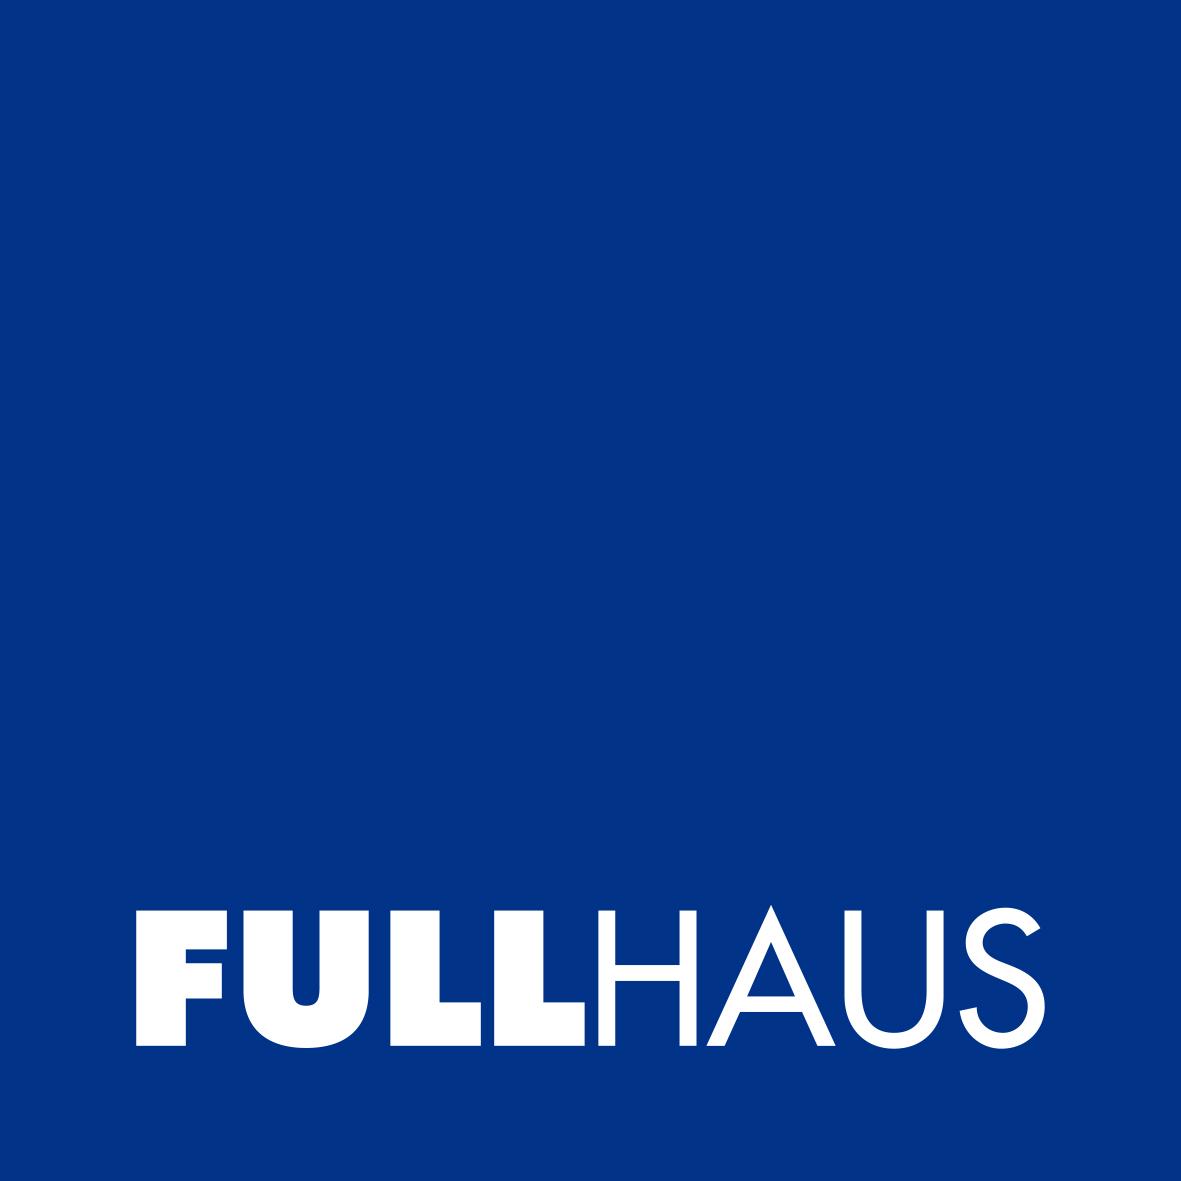 FULLHAUS GmbH